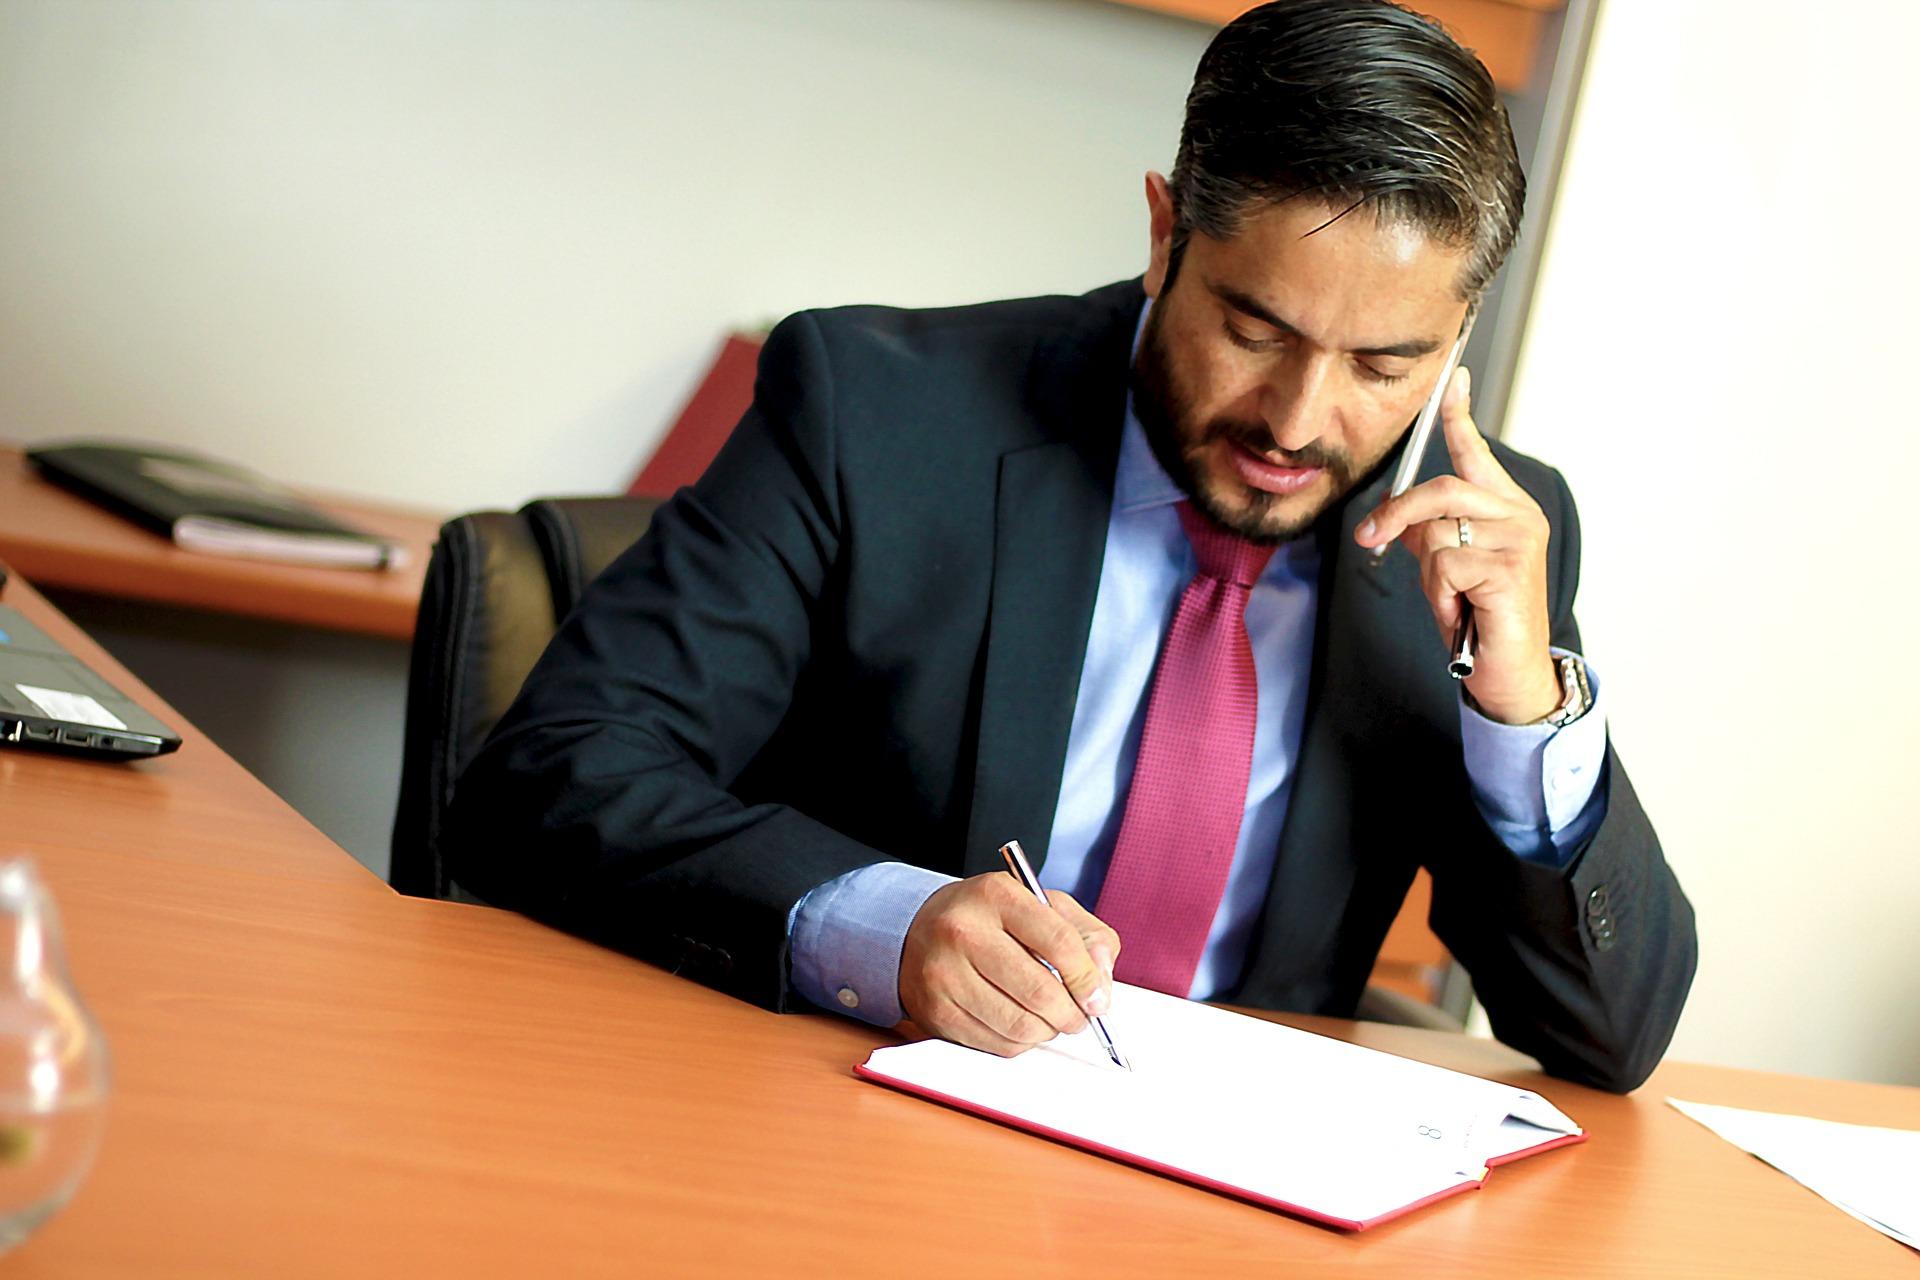 La AP Madrid falla que un notario no es experto en productos financieros y anula la compra de bonos convertibles